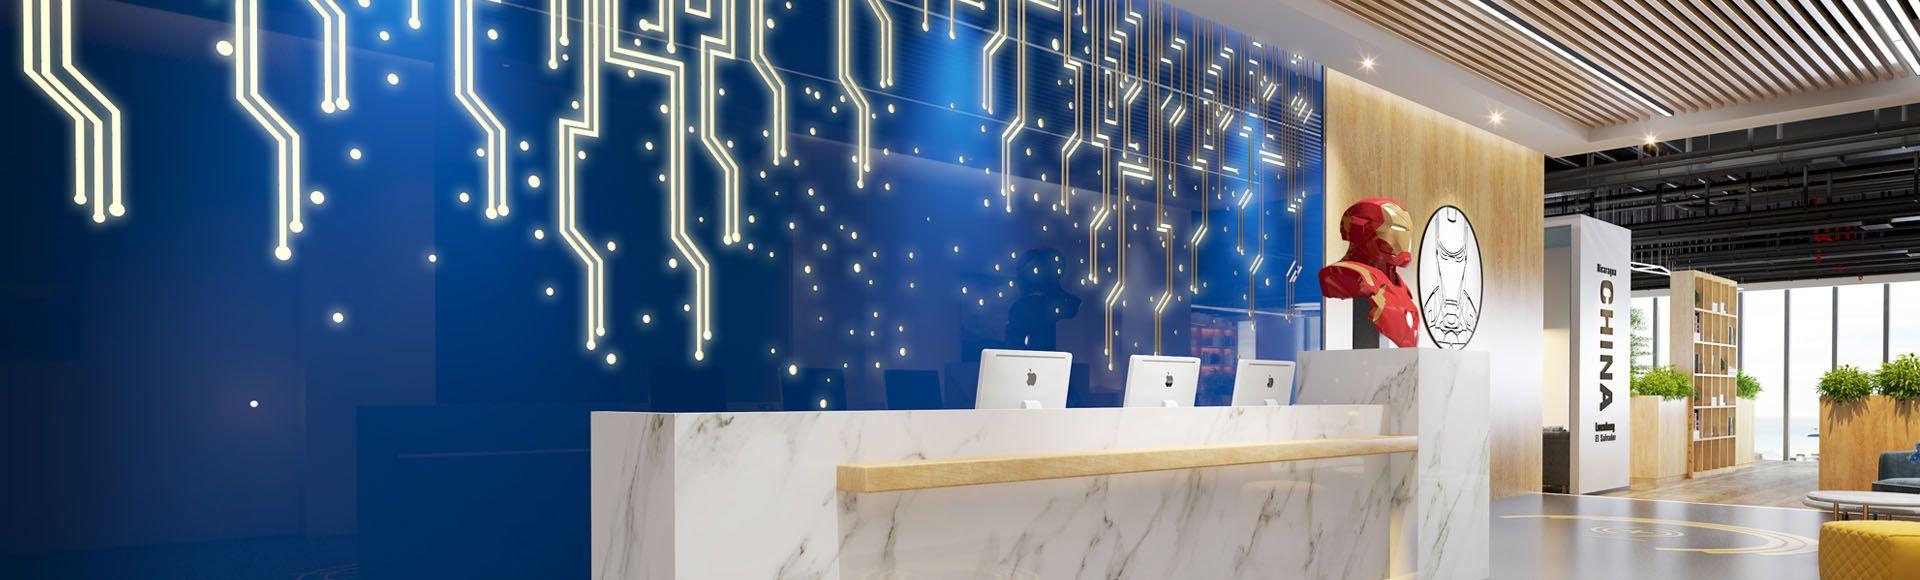 广州亚博体育app苹果下载地址公司